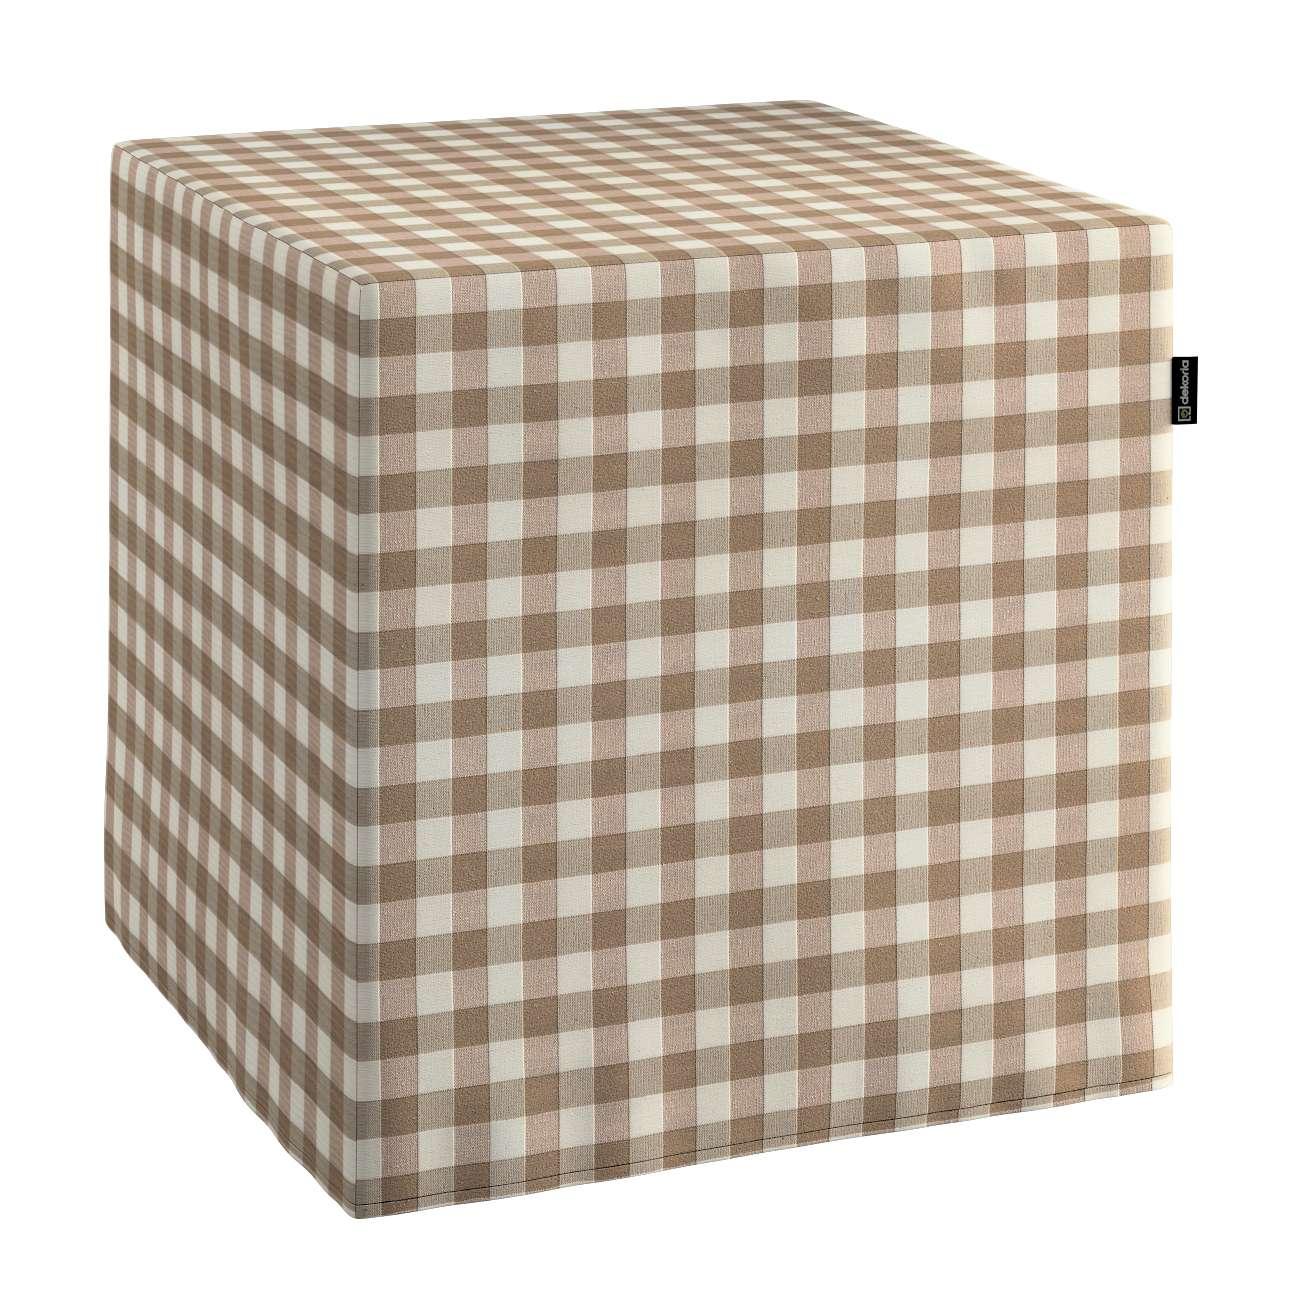 Bezug für Sitzwürfel Bezug für Sitzwürfel 40x40x40 cm von der Kollektion Quadro, Stoff: 136-06